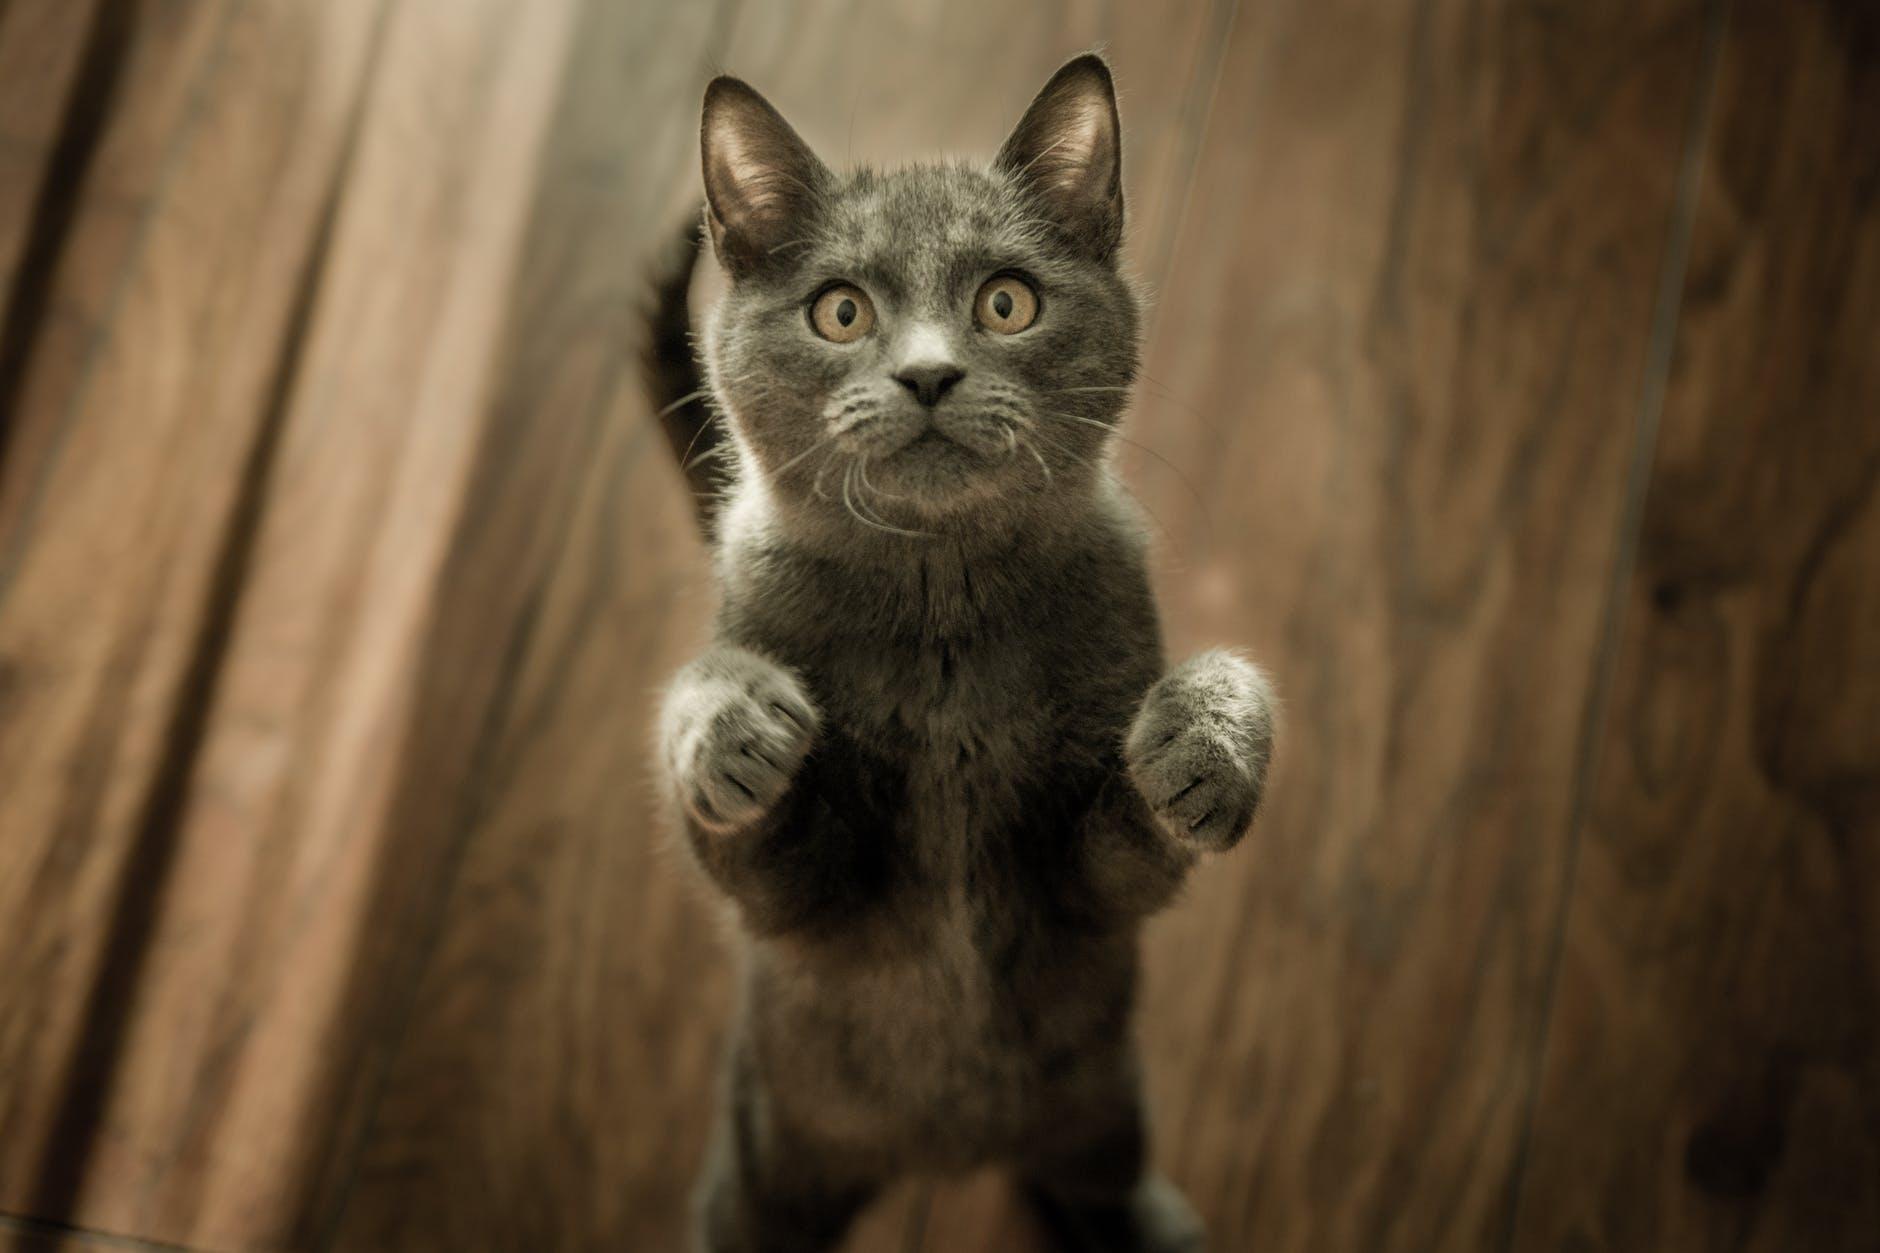 Kočka prosí o dobrůtky